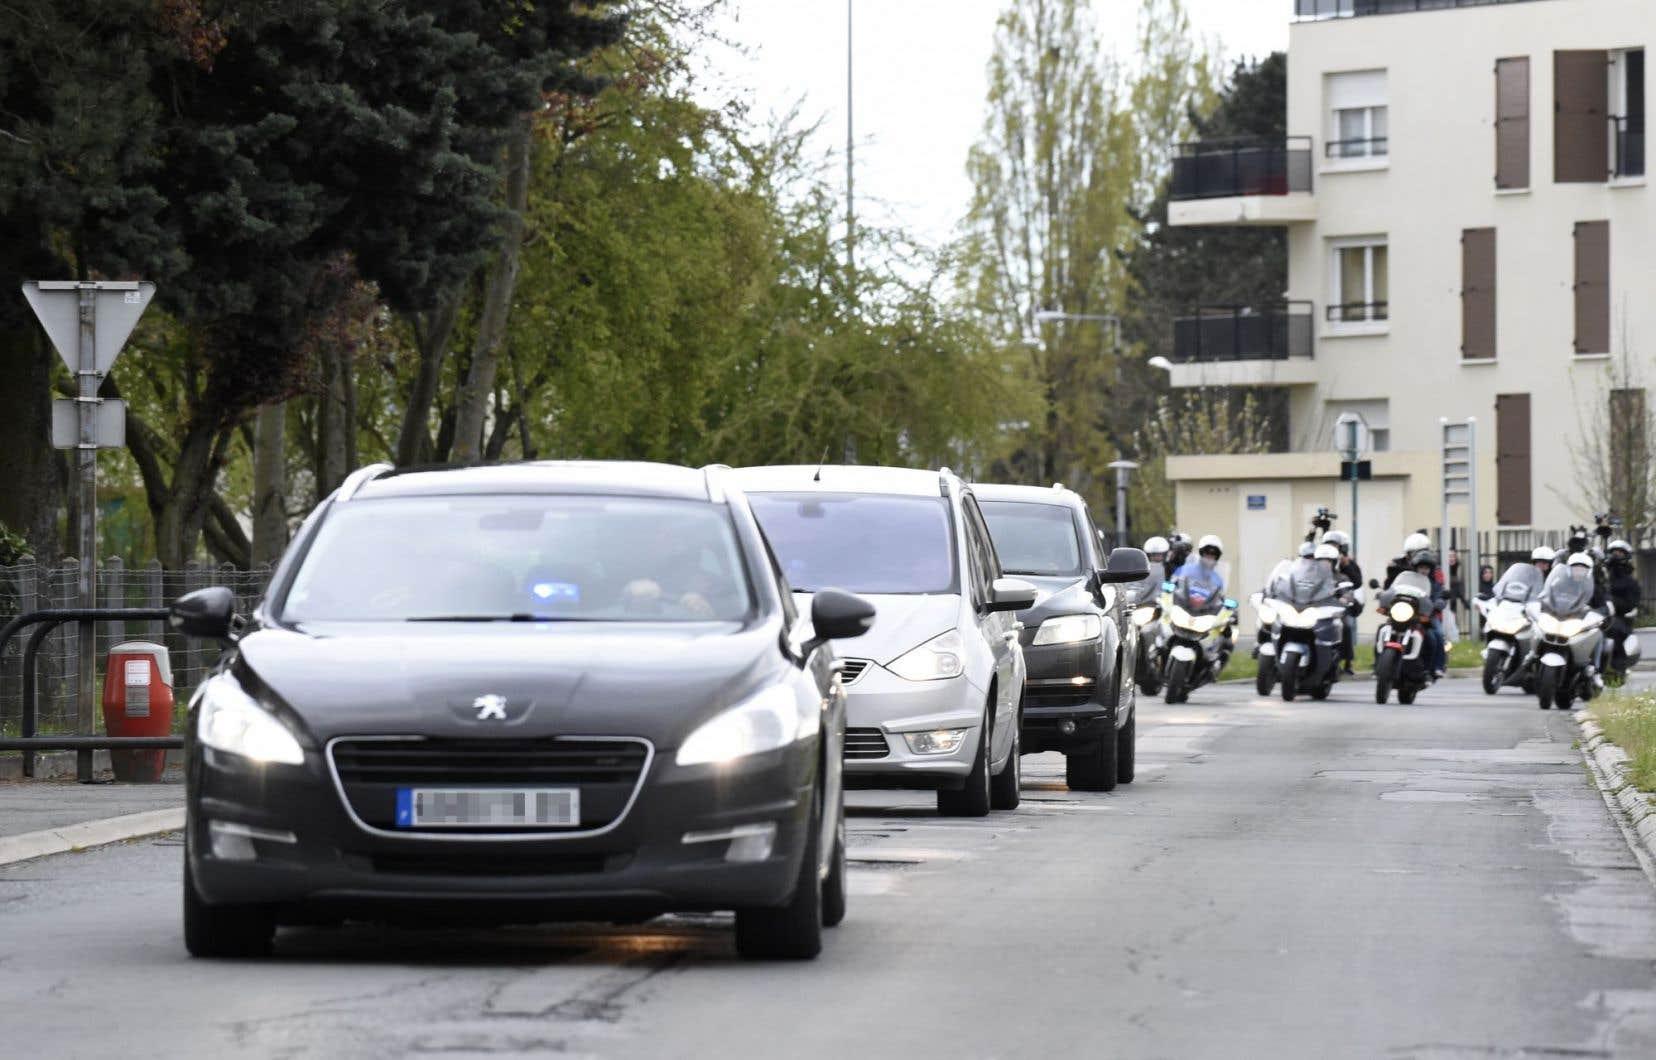 C'est sous bonne escorte que Salah Abdeslam a été conduit à la prison.